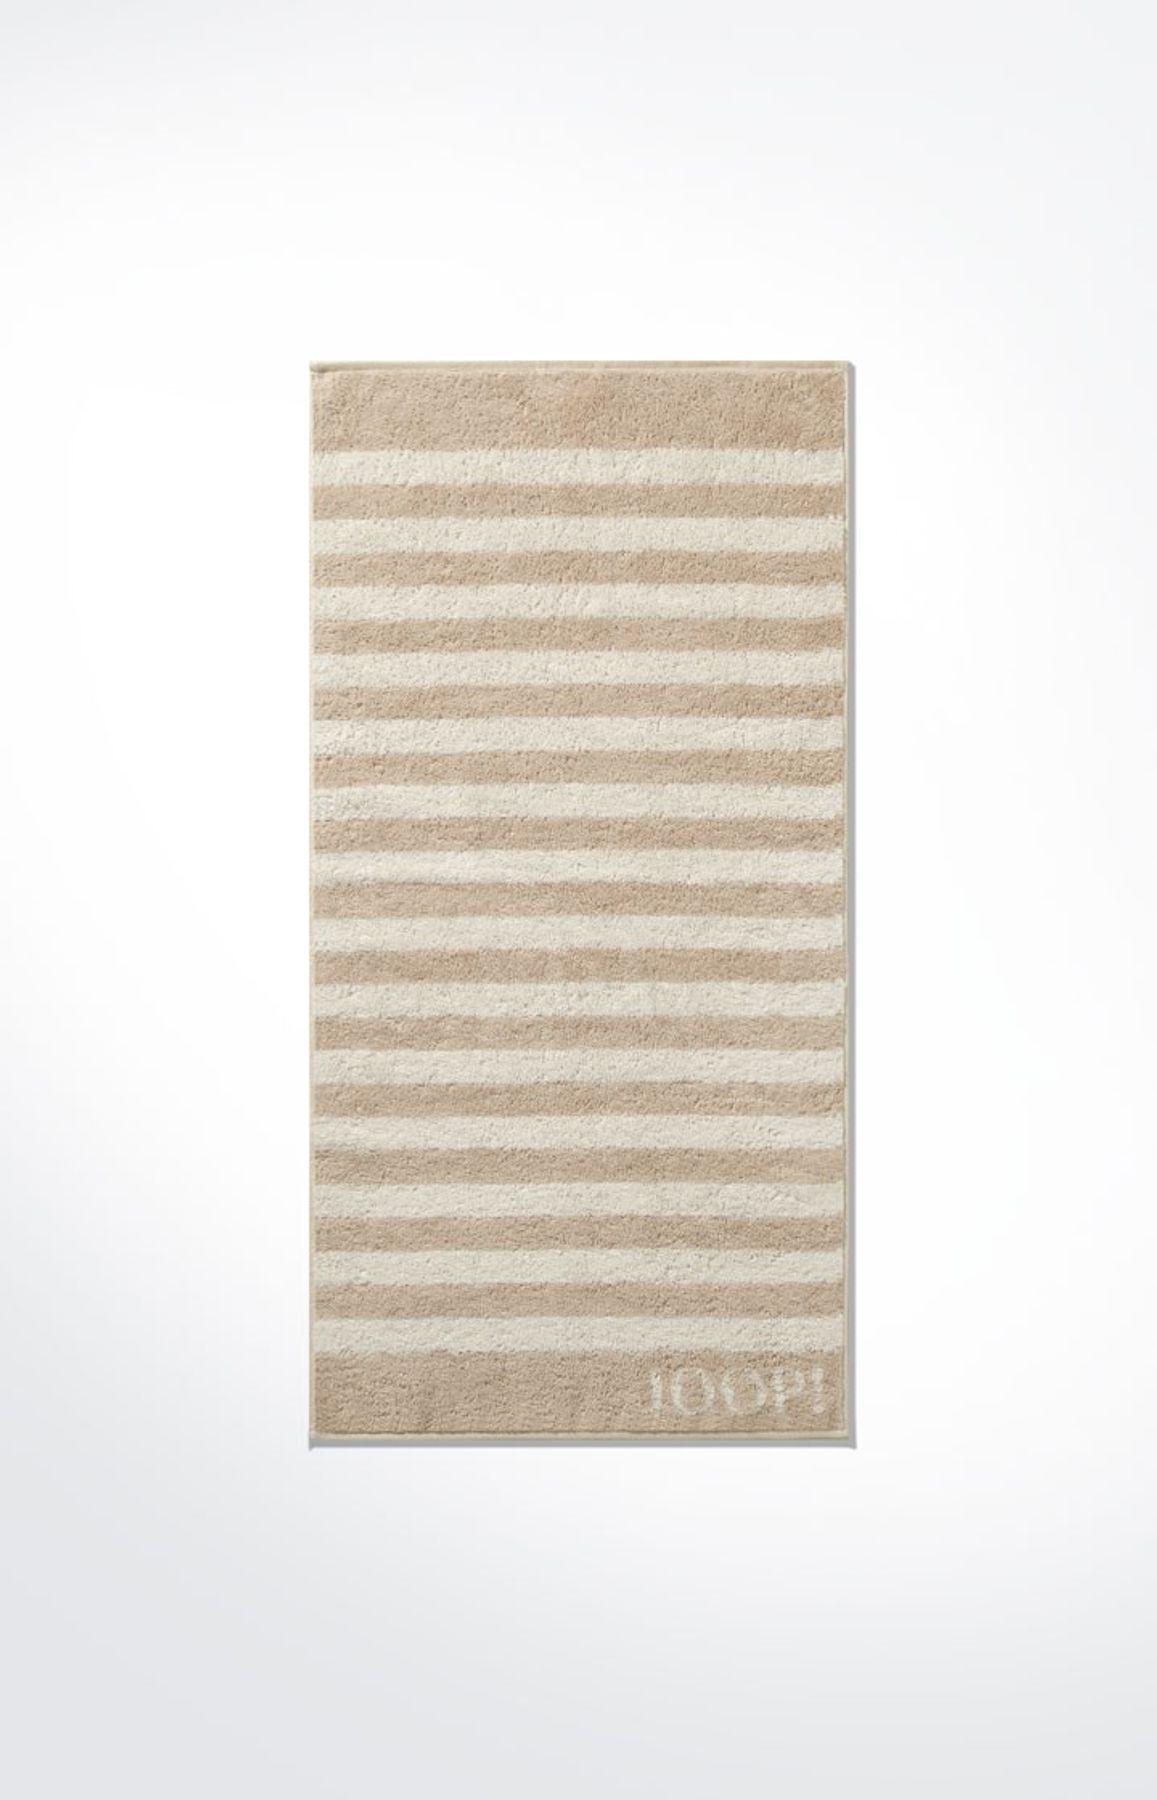 JOOP! - Frottier Handtuch in verschiedenen Größen und Farben, Classic Stripes (1610)  – Bild 7